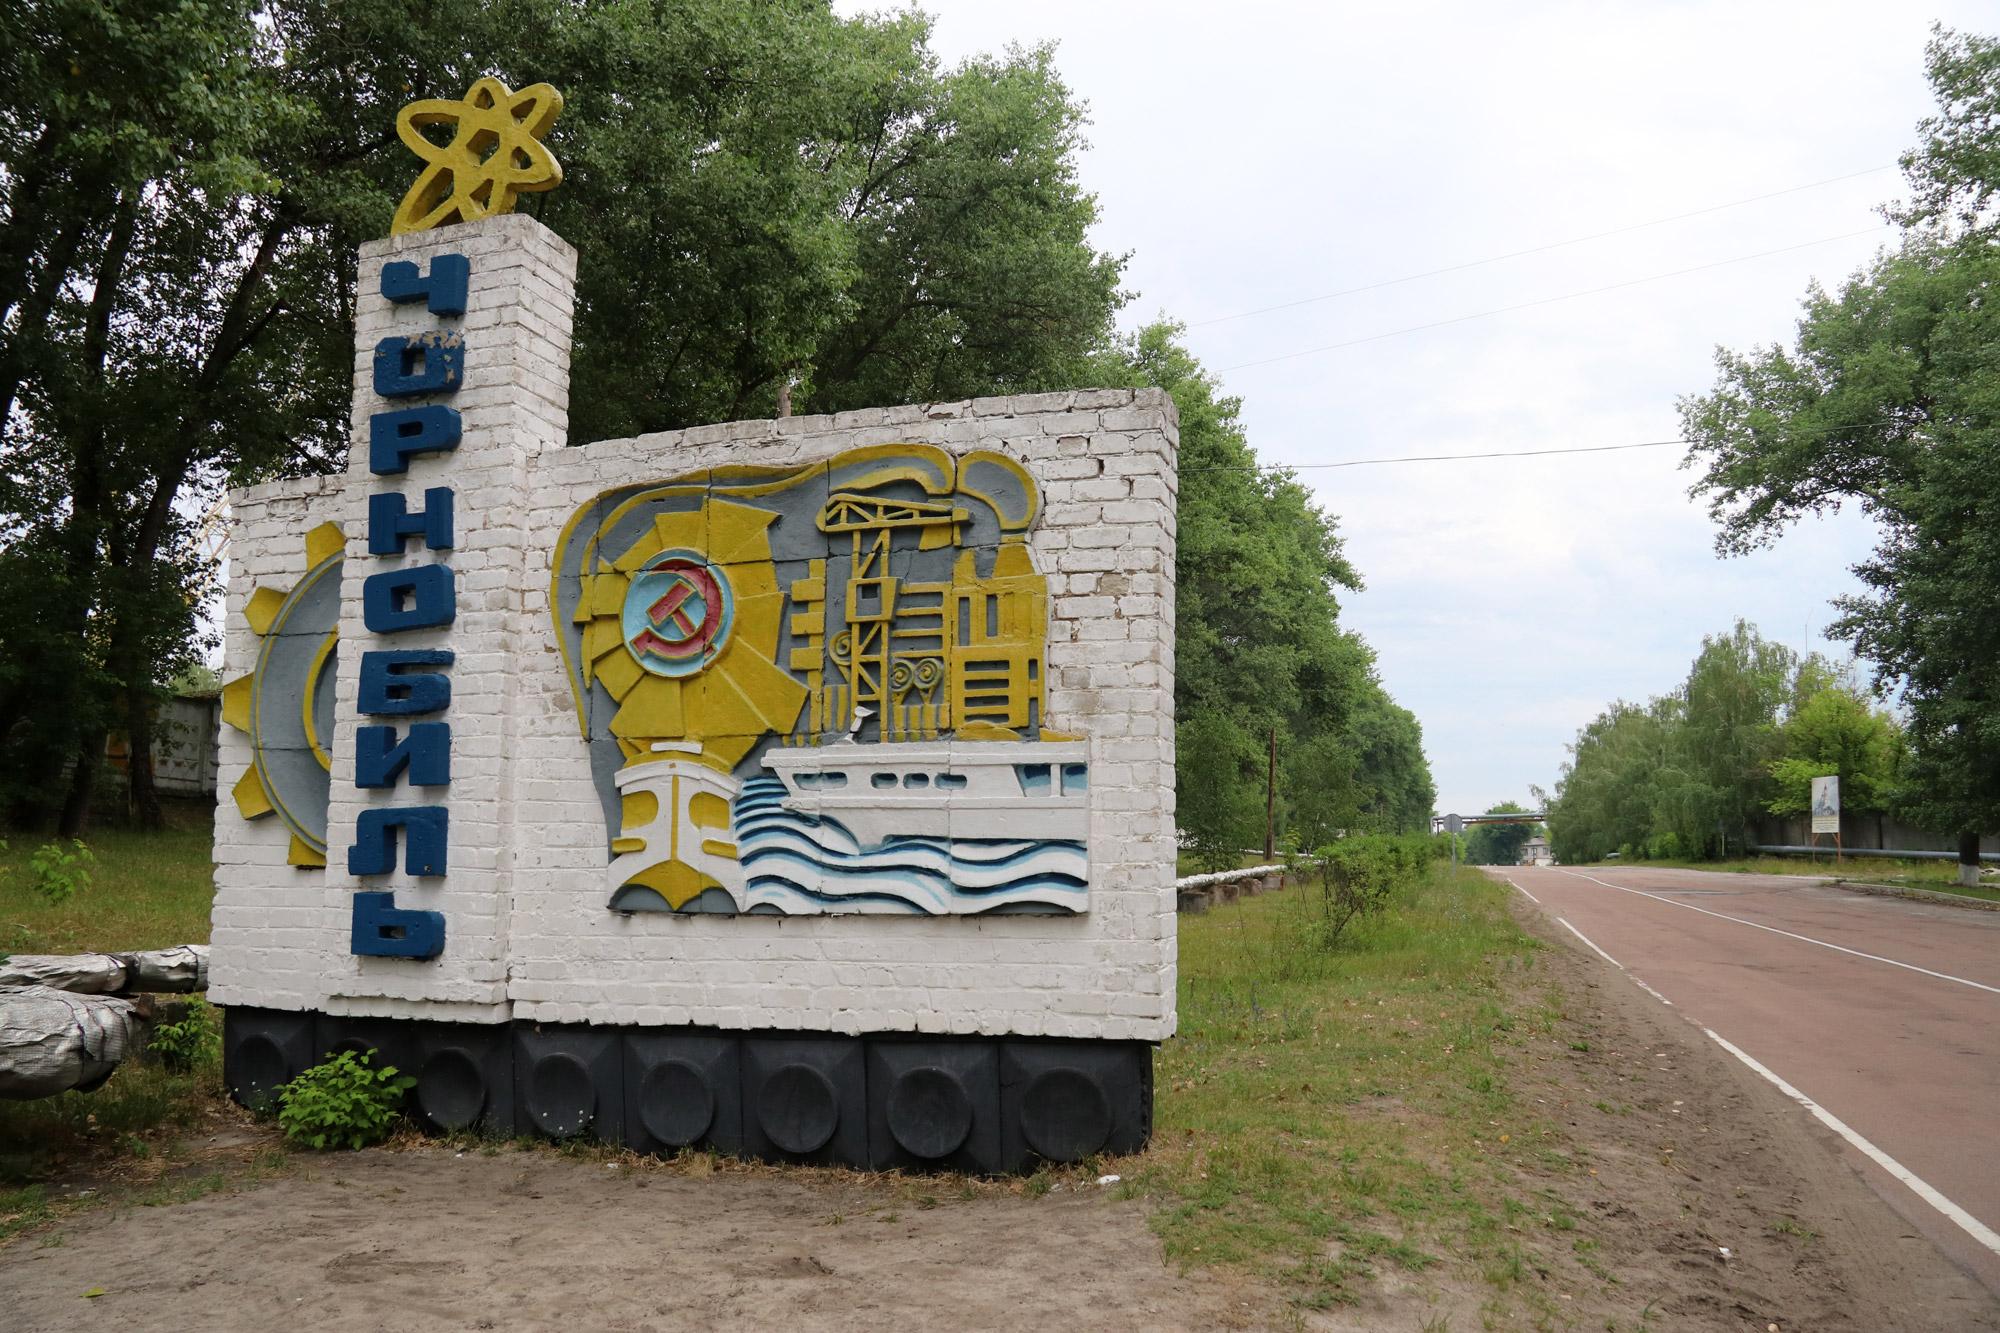 Tsjernobyl - Chernobyl sign